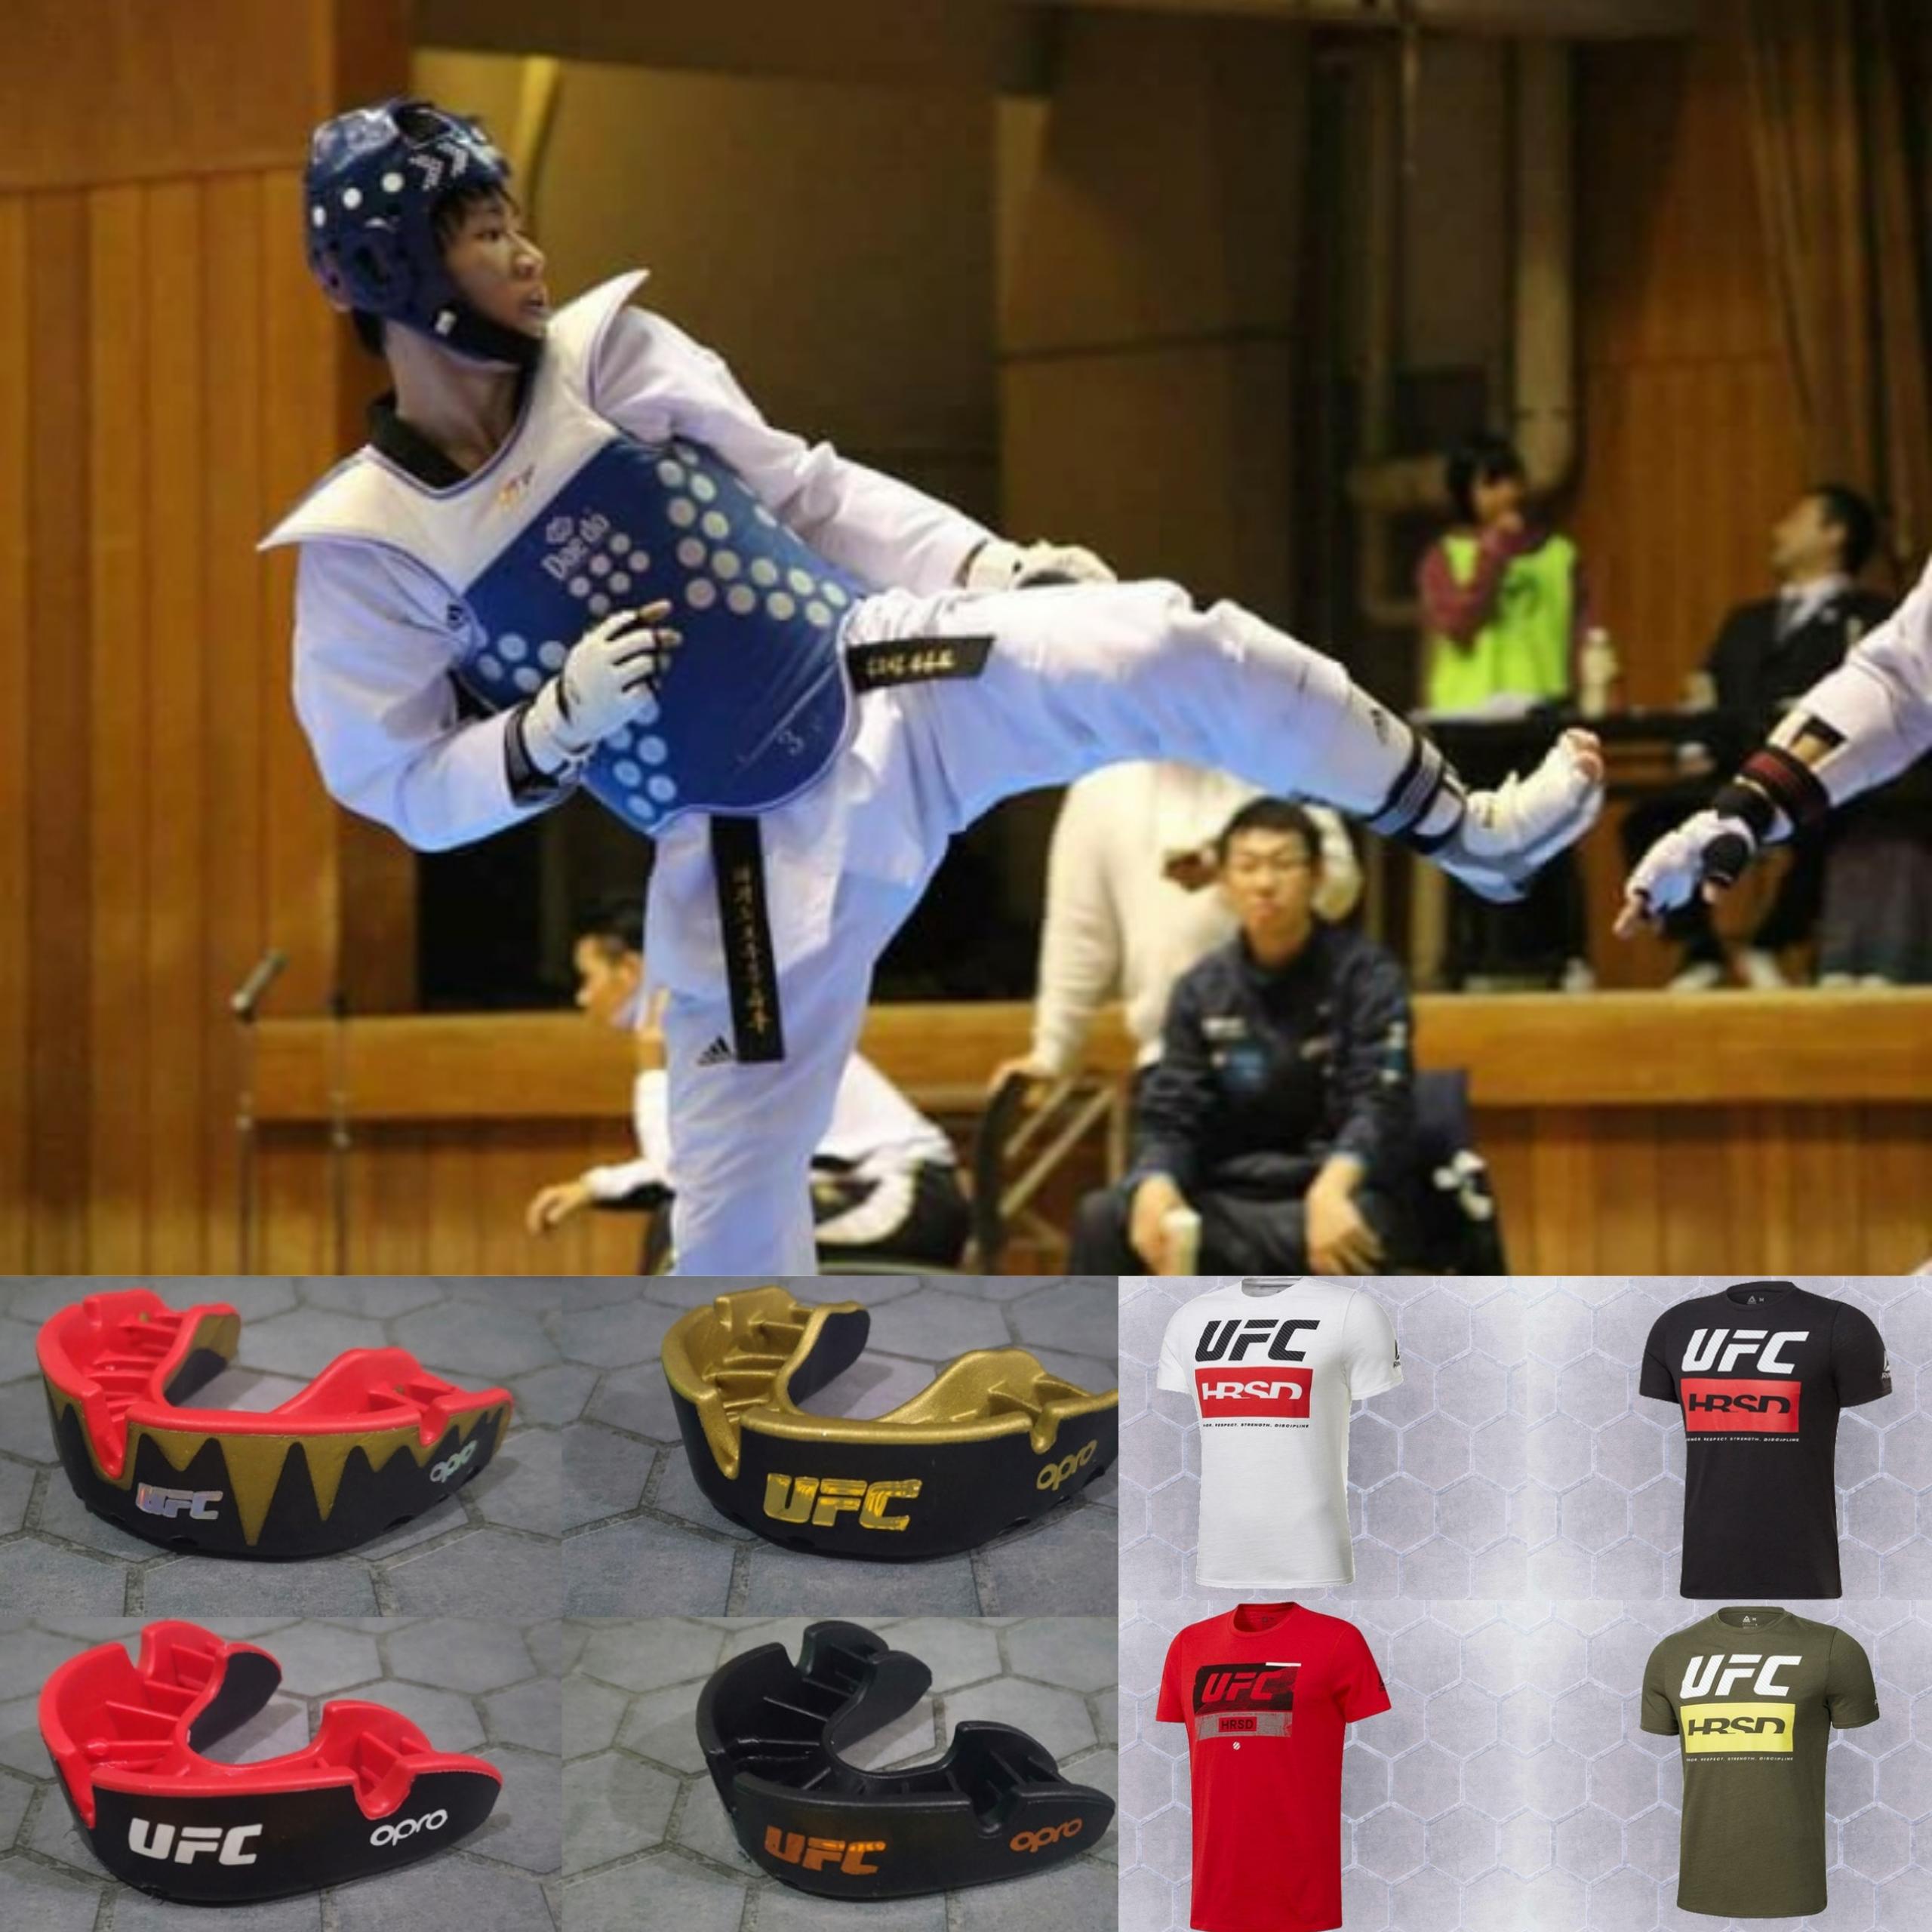 UFCアウトレットTシャツ&OPROマウスガード